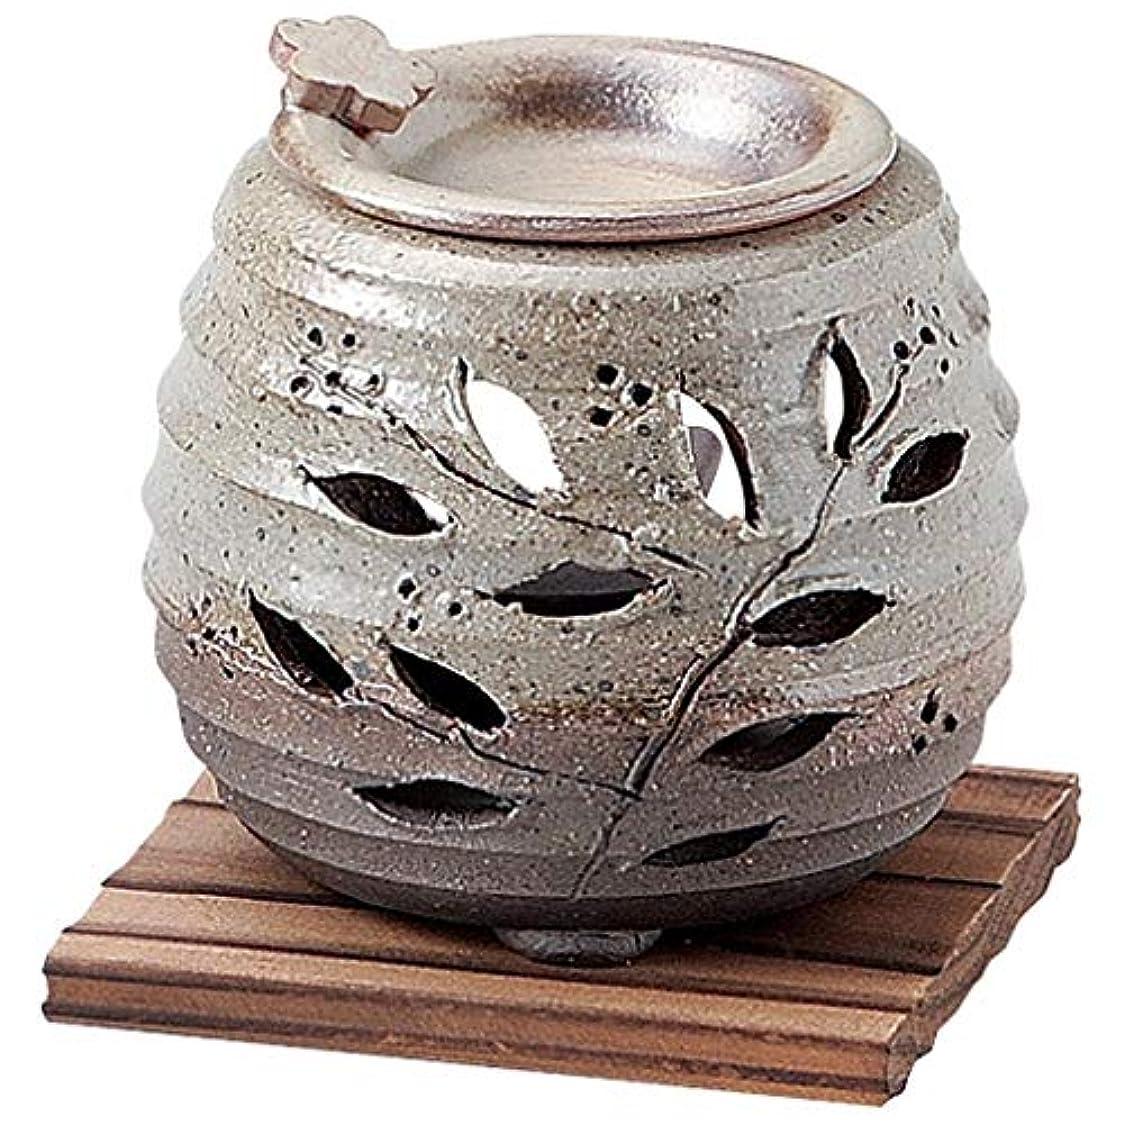 男いいねギャロップお部屋の消臭に!■常滑焼【茶香炉】石龍作 緑灰釉花茶香炉(板付)